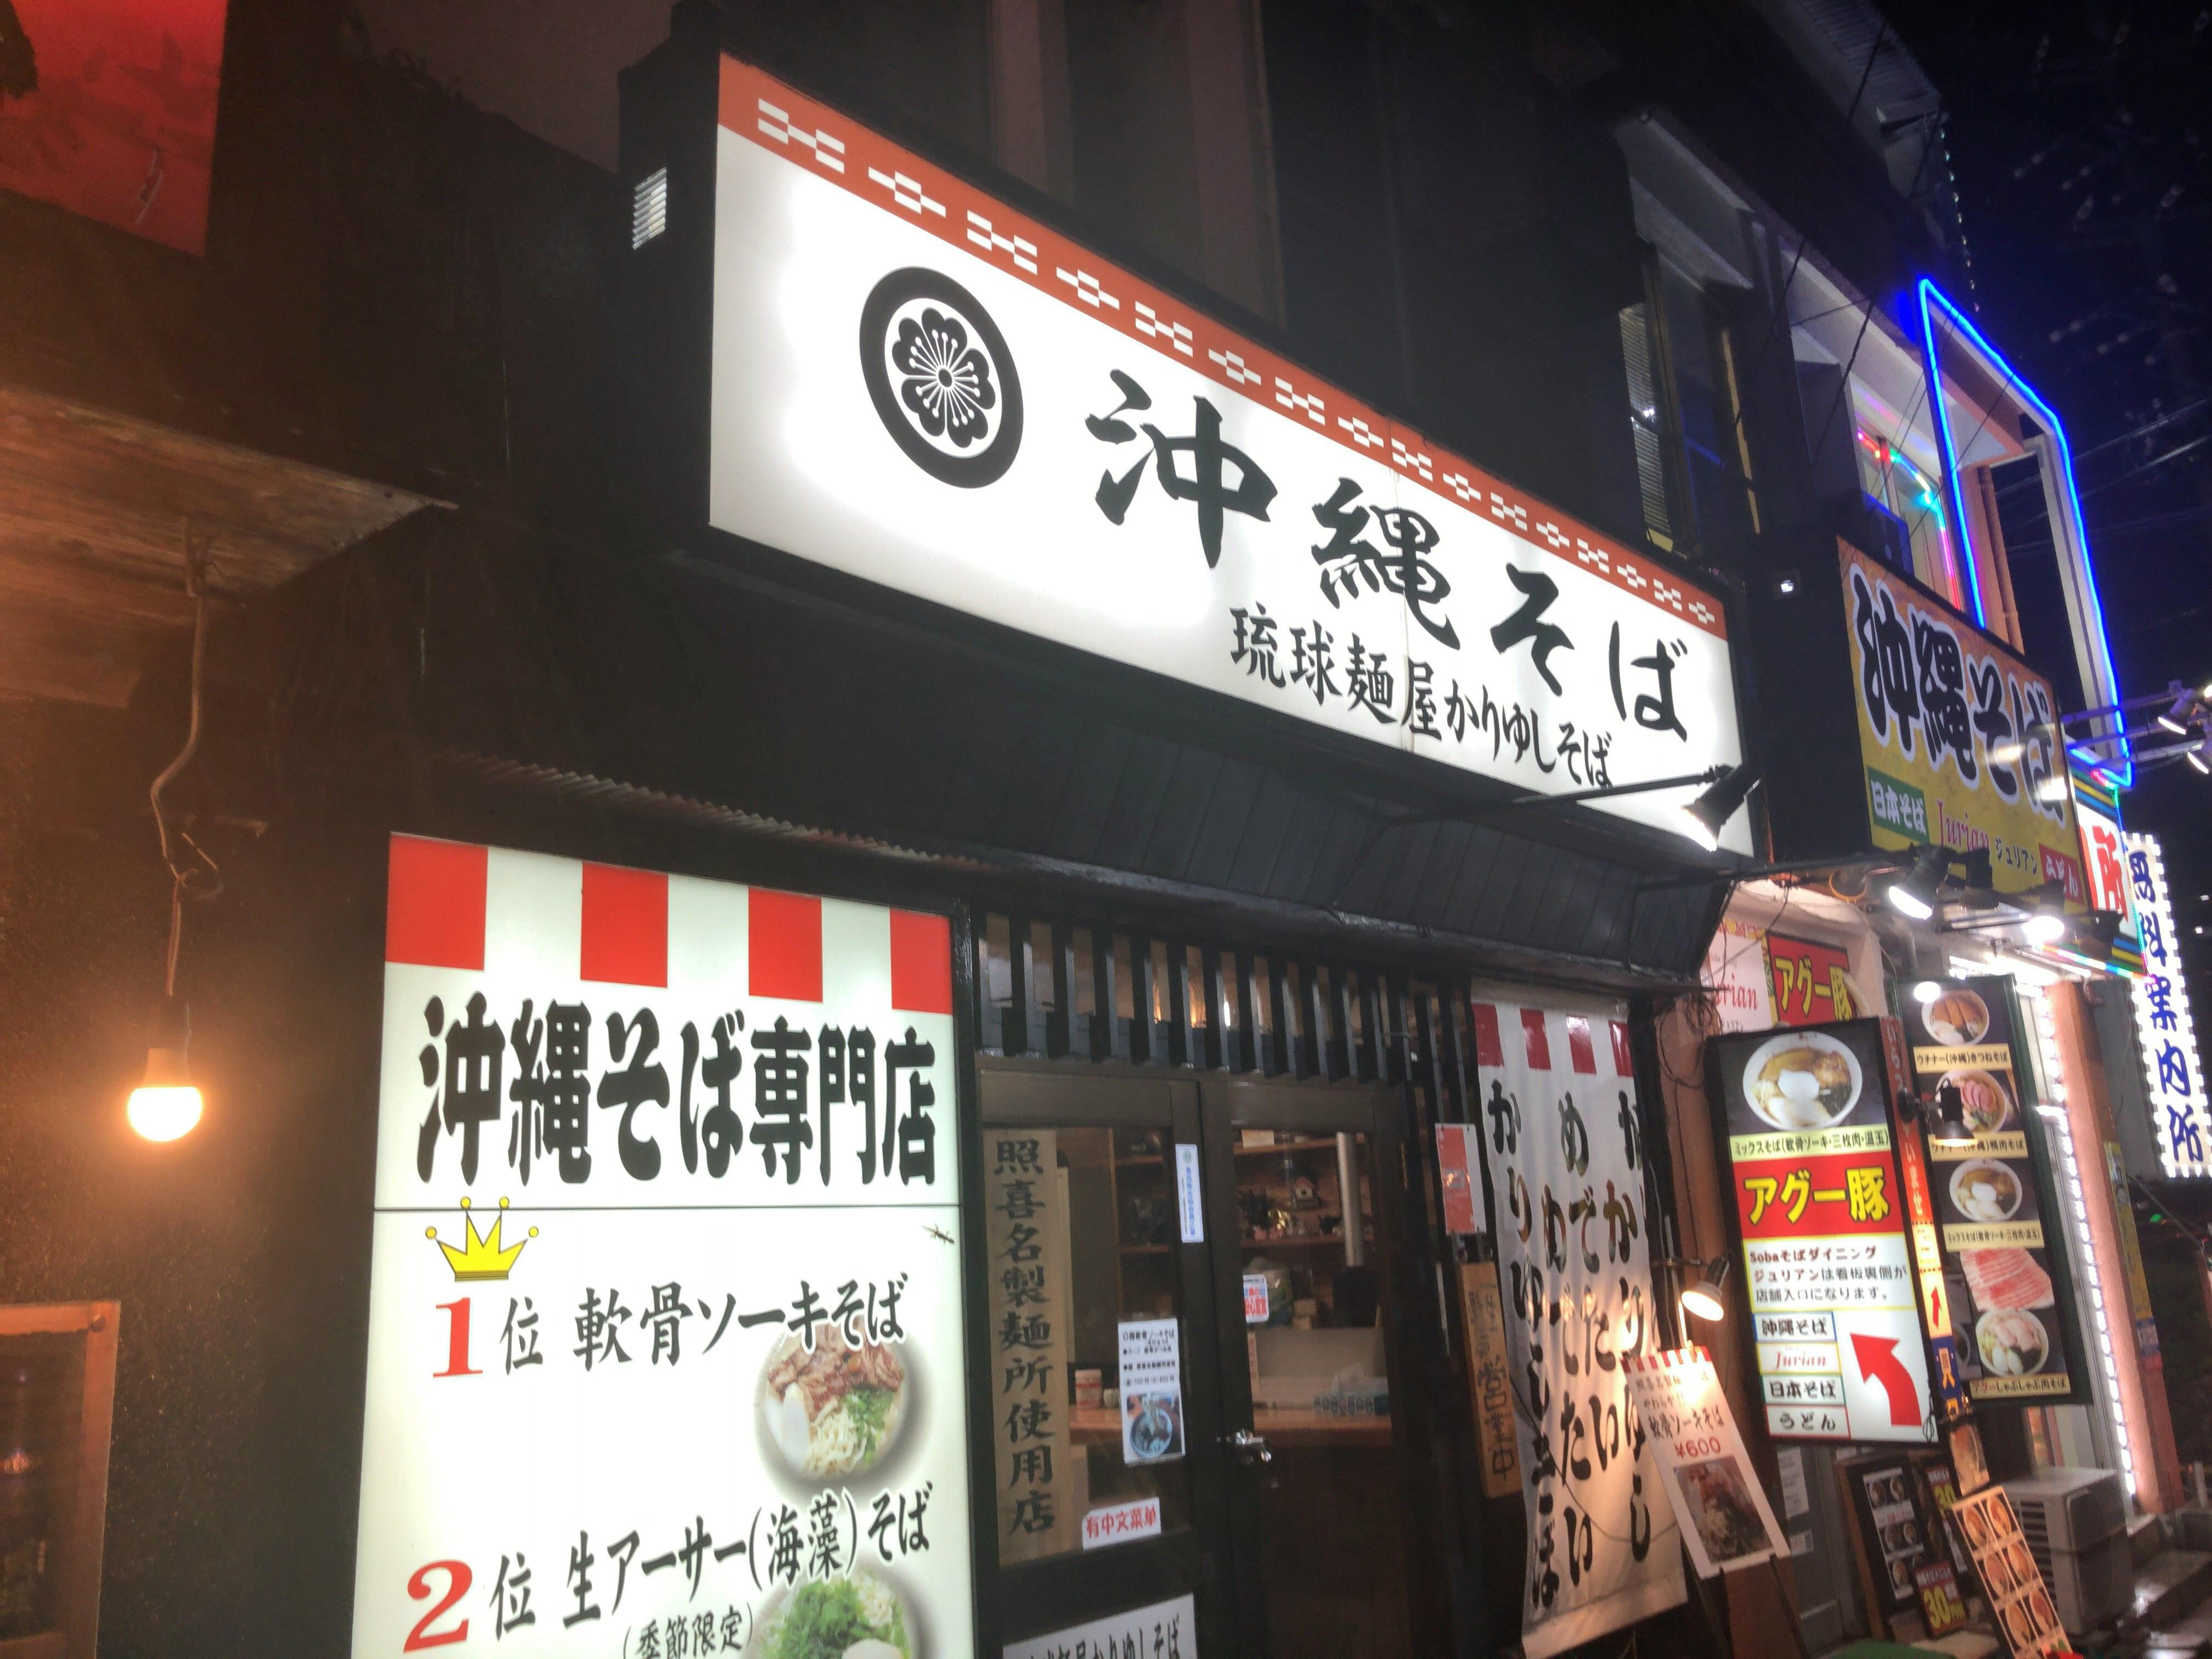 那覇市泉崎『琉球麺屋かりゆしそば』深夜営業の沖縄そば屋